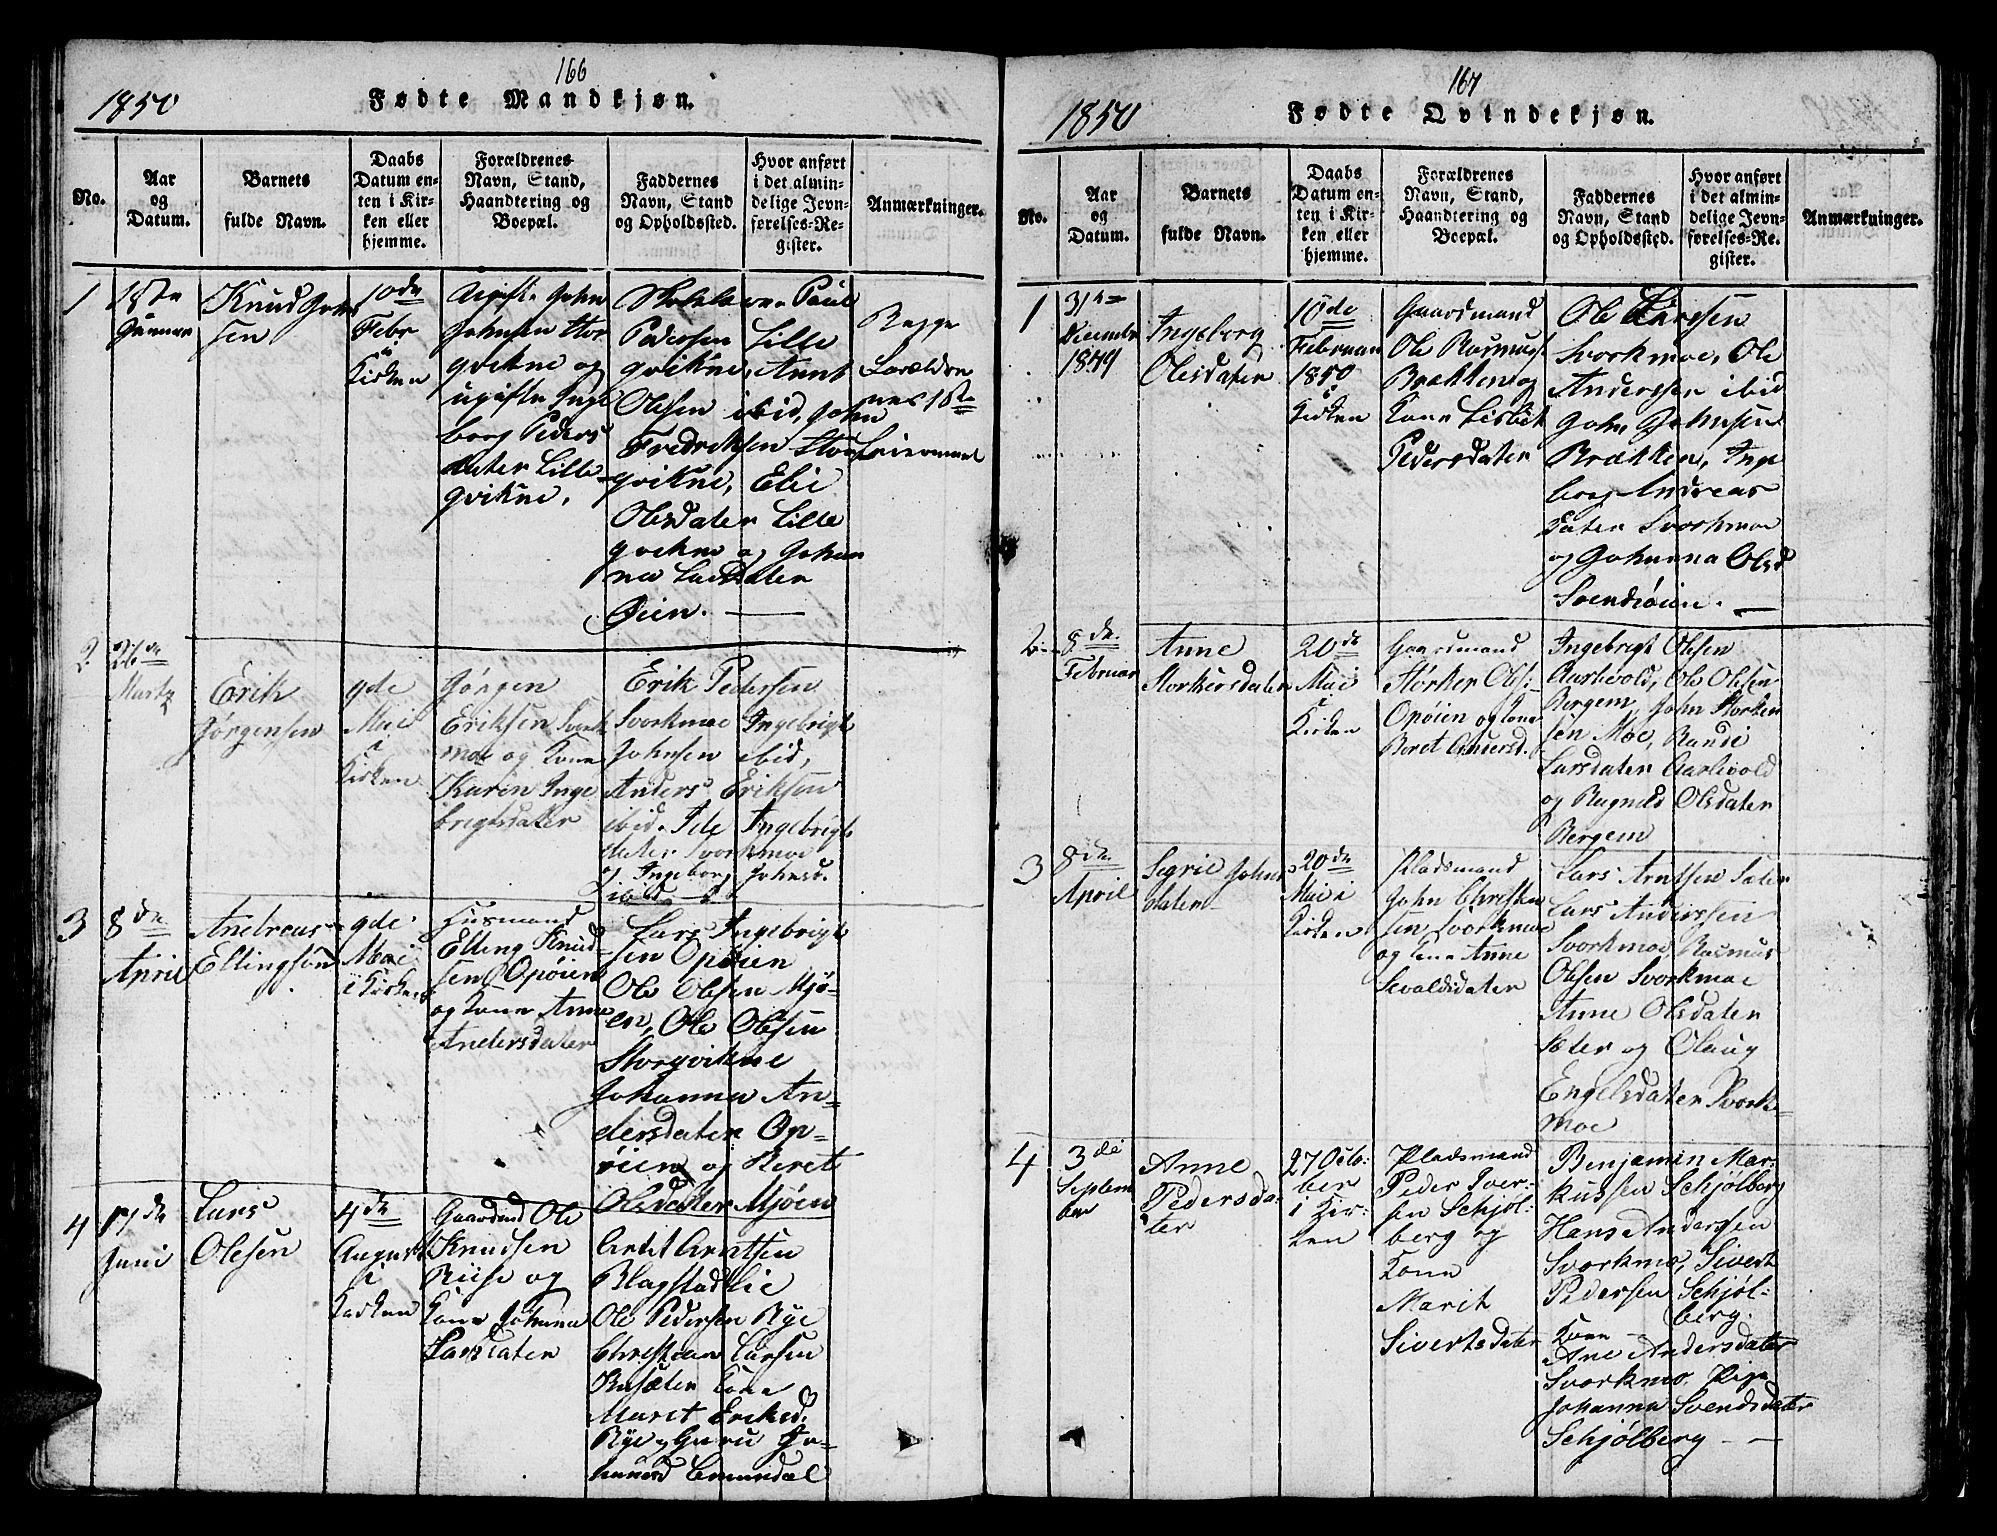 SAT, Ministerialprotokoller, klokkerbøker og fødselsregistre - Sør-Trøndelag, 671/L0842: Klokkerbok nr. 671C01, 1816-1867, s. 166-167